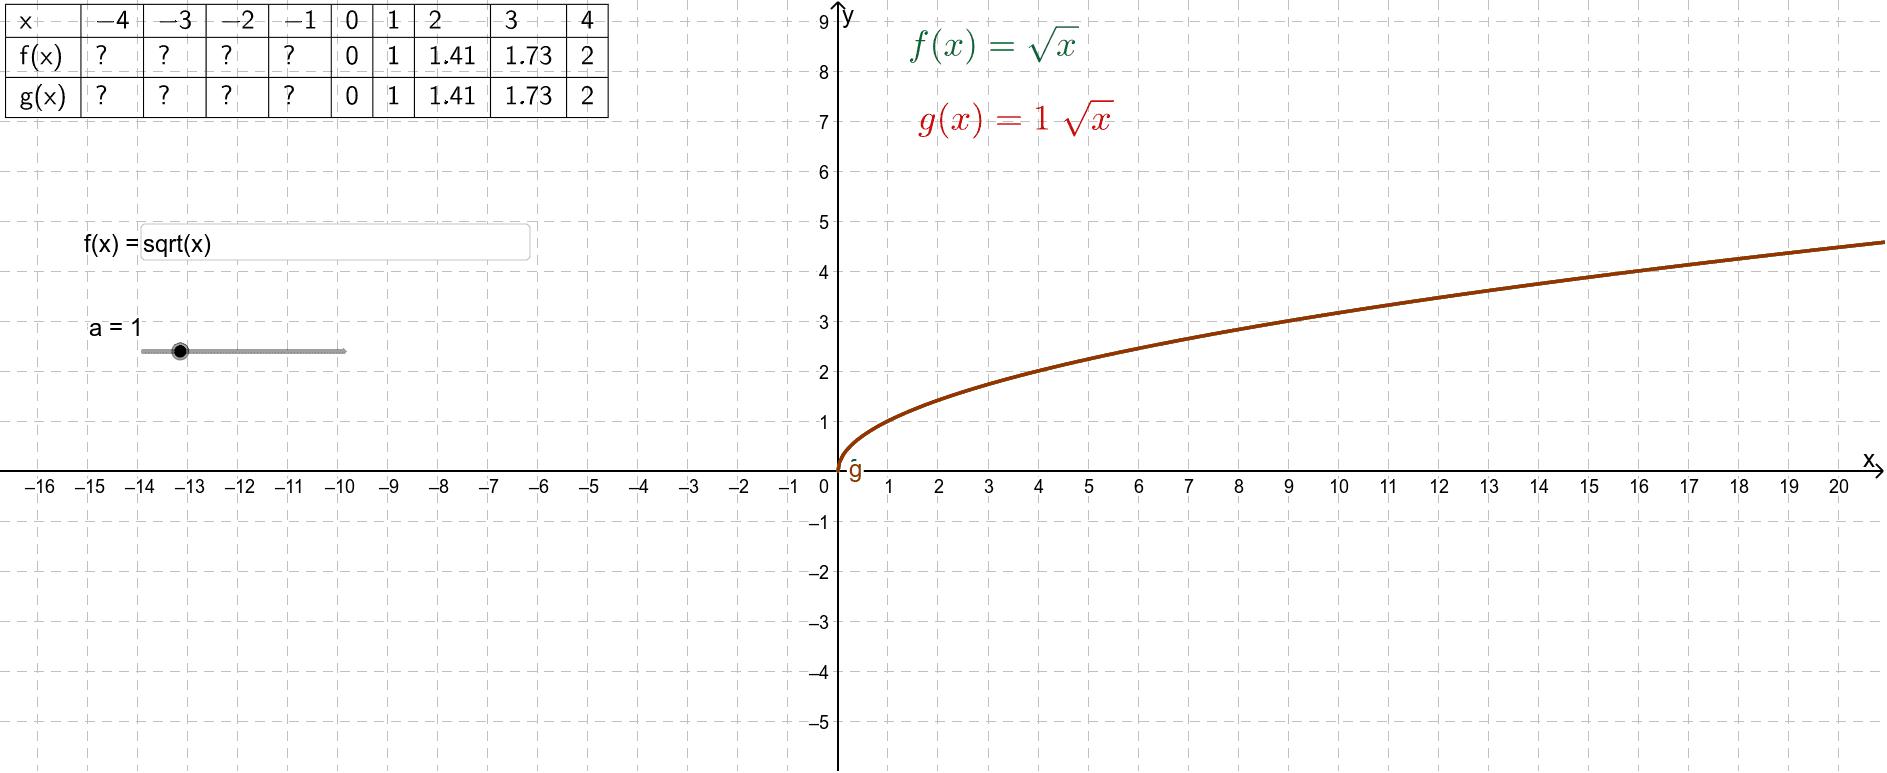 Wijzig met de schuifknop de waarde voor a. In het invulvak kun je een andere elementaire functie invoeren.